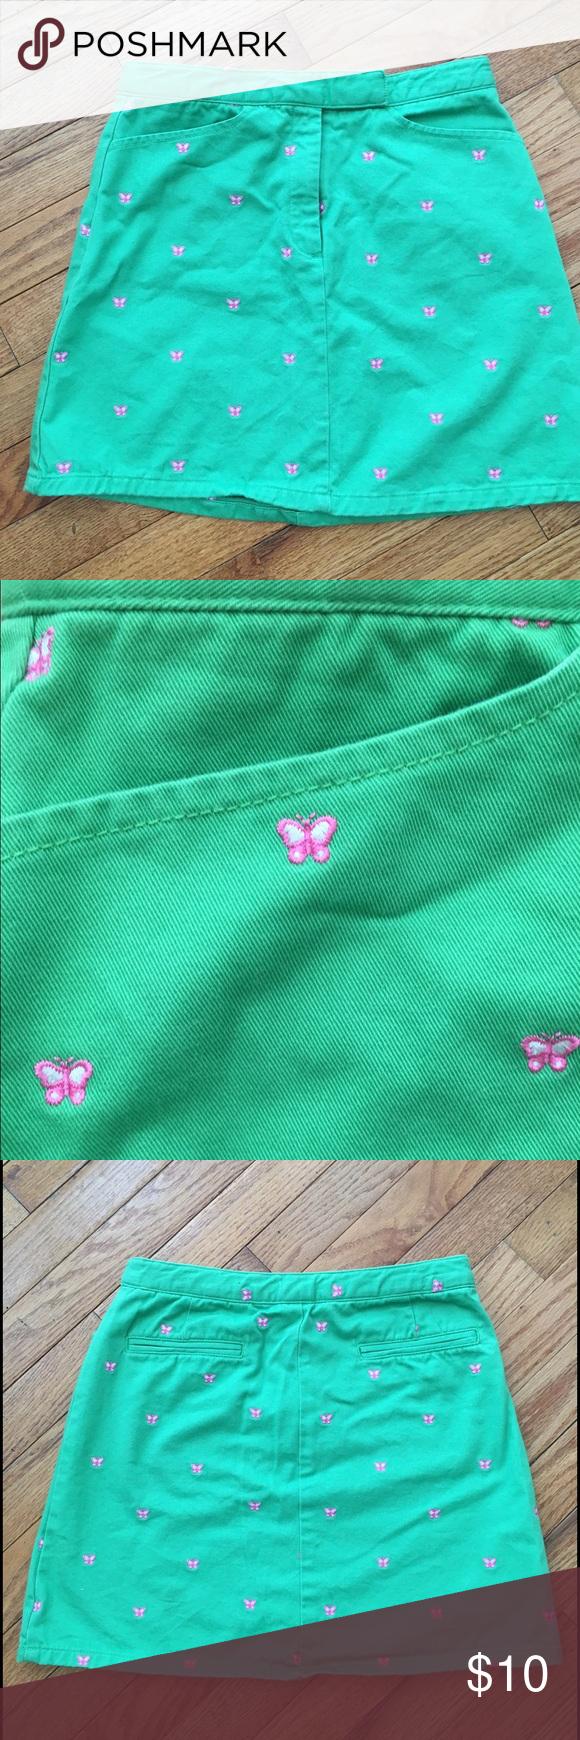 GAP Factory Store Girls Skirt GAP Factory Store girls green skirt with pink butterflies. Gap Bottoms Skirts